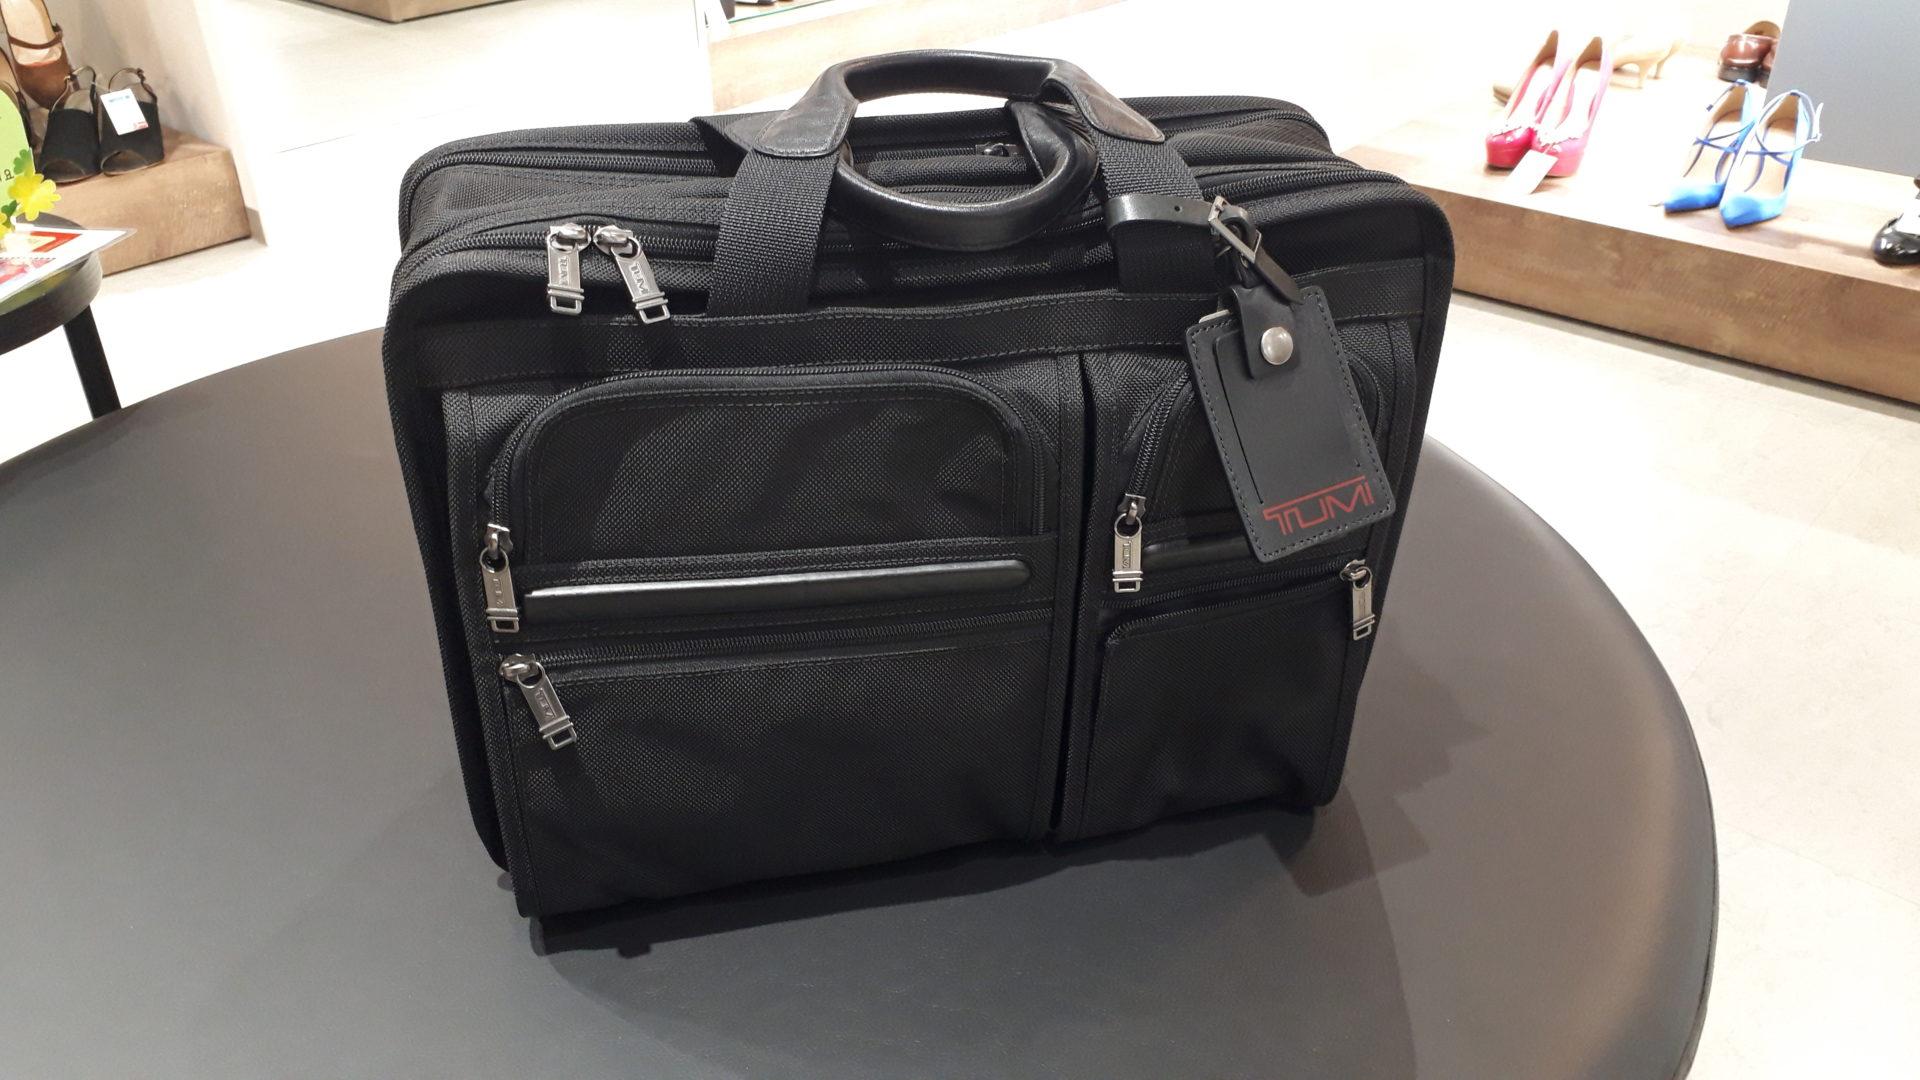 【TUMI 26160D4 2WAYビジネスバッグ】を盛岡市のお客様よりお買い取りさせていただきました!